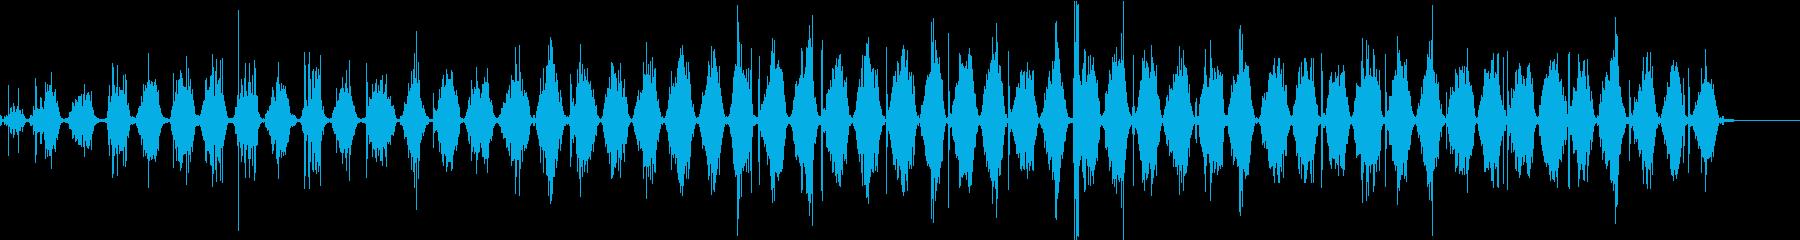 【生録音】ノコギリで物を切る音 4の再生済みの波形